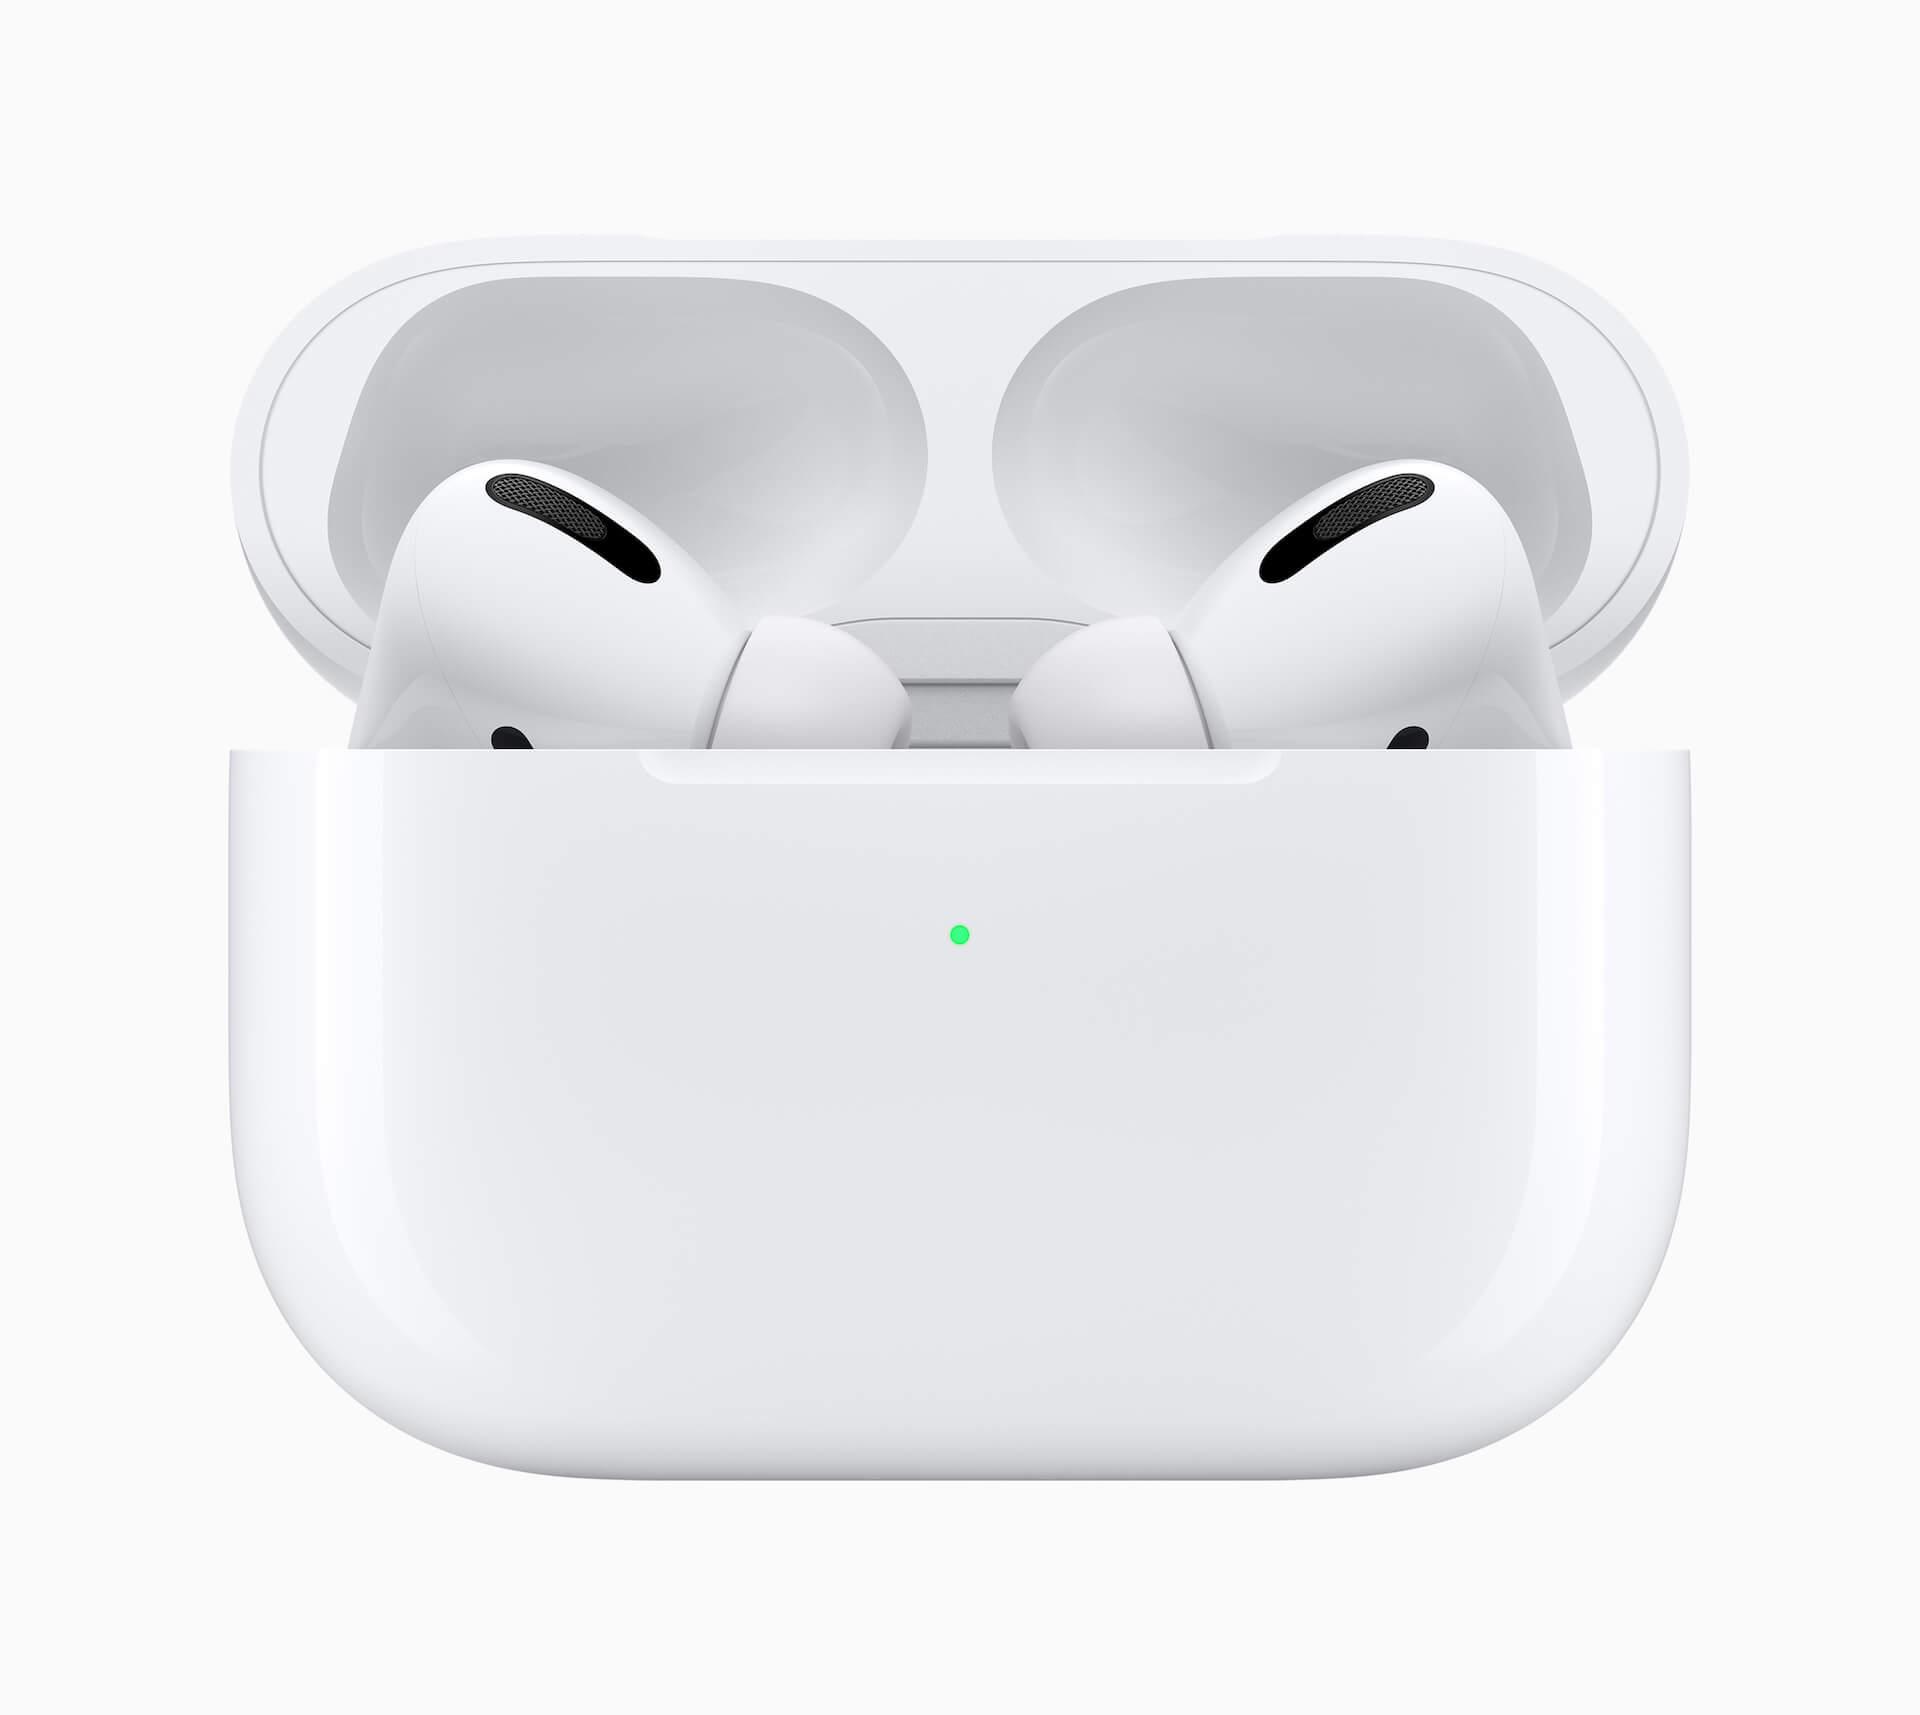 新型AirPodsが来月にも登場!?新型13インチMacBook Proと同時に発表か tech200420_airpods_main